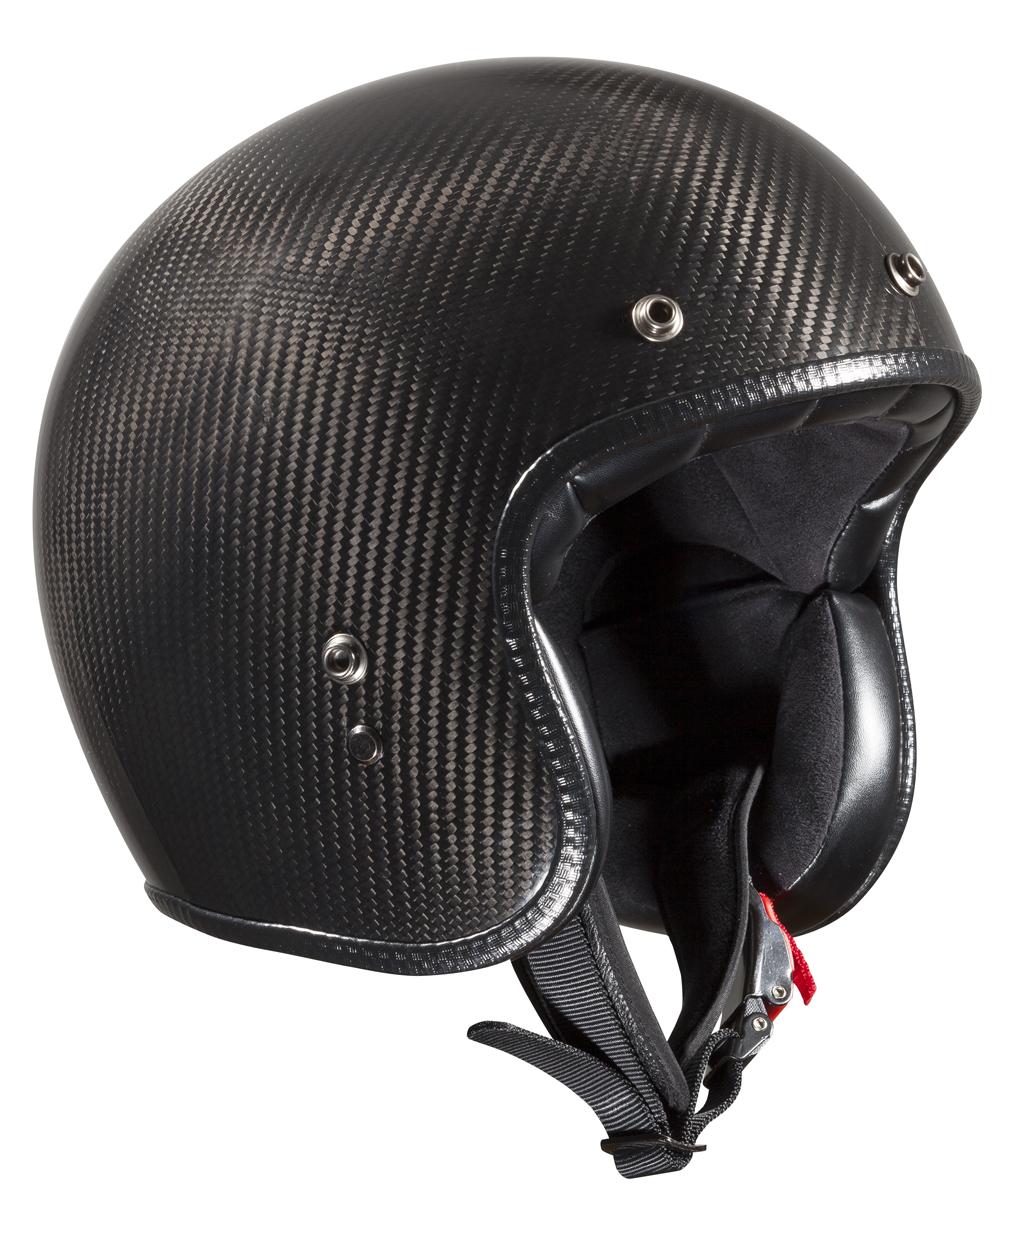 bandit helmets jet ece carbon ii gr m 57 58 online kaufen. Black Bedroom Furniture Sets. Home Design Ideas